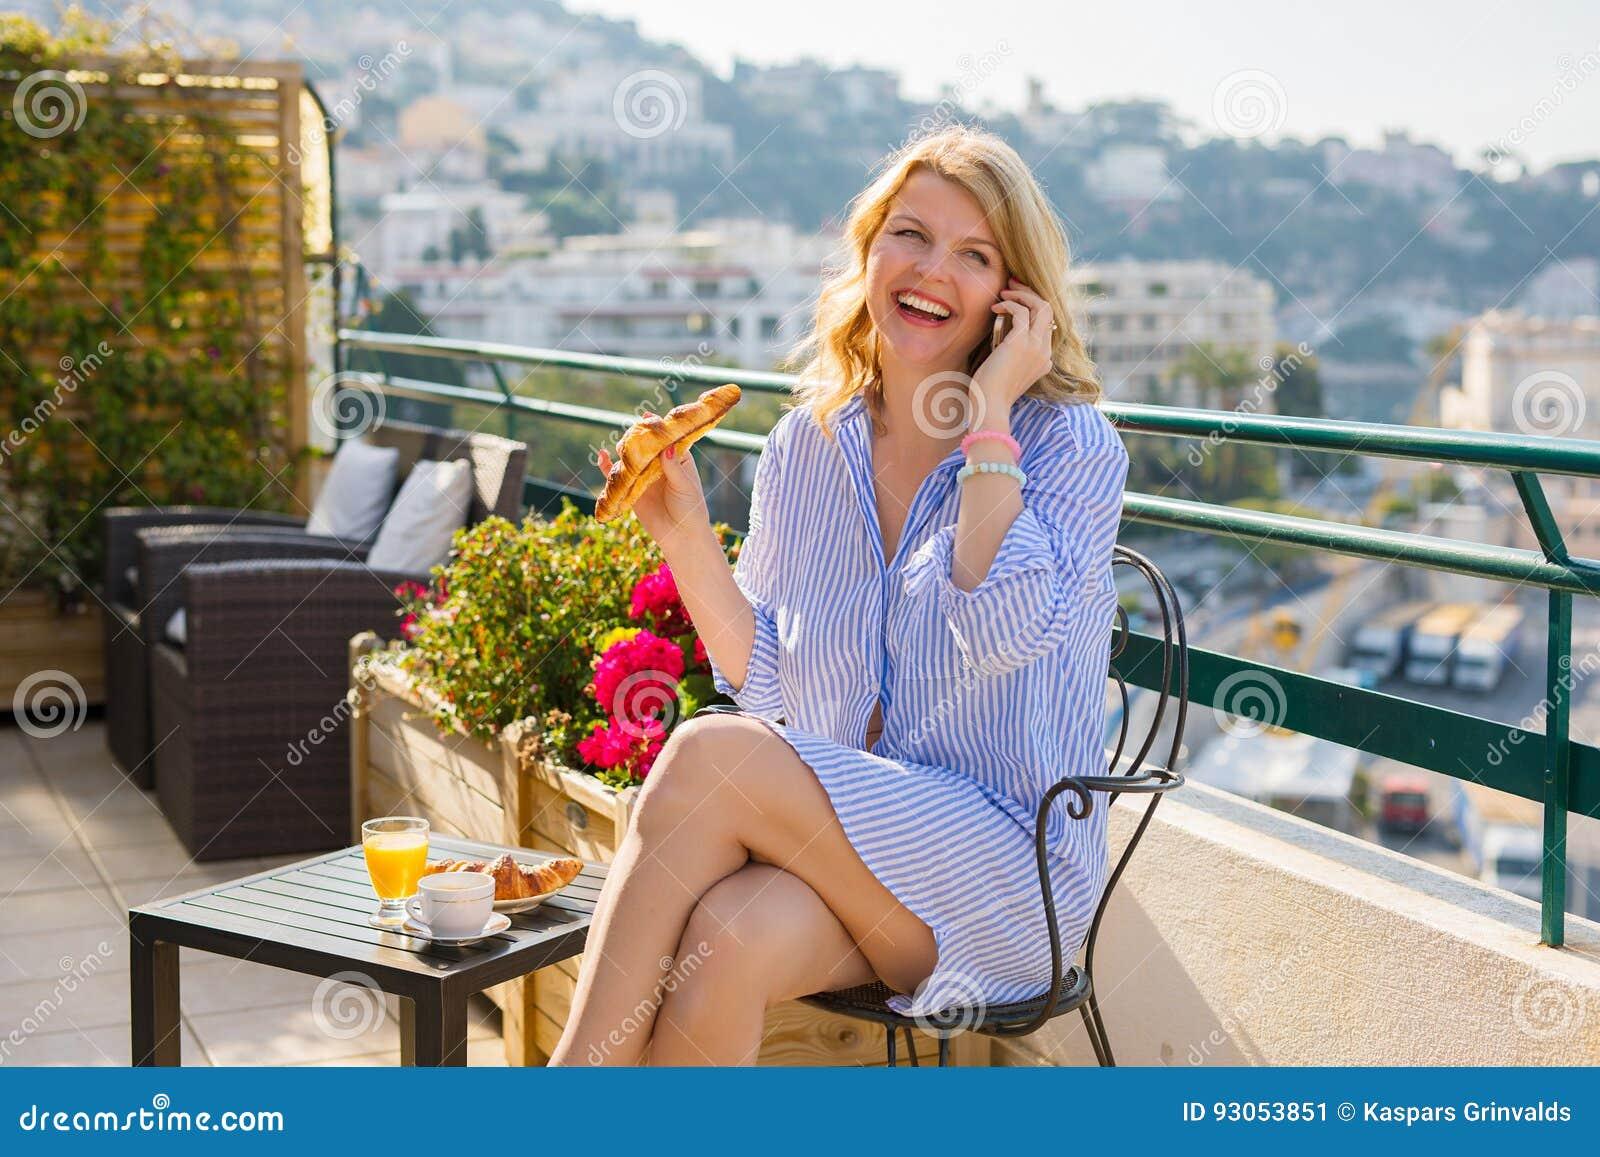 femme prenant le petit d jeuner dehors et parlant du t l phone portable photo stock image. Black Bedroom Furniture Sets. Home Design Ideas